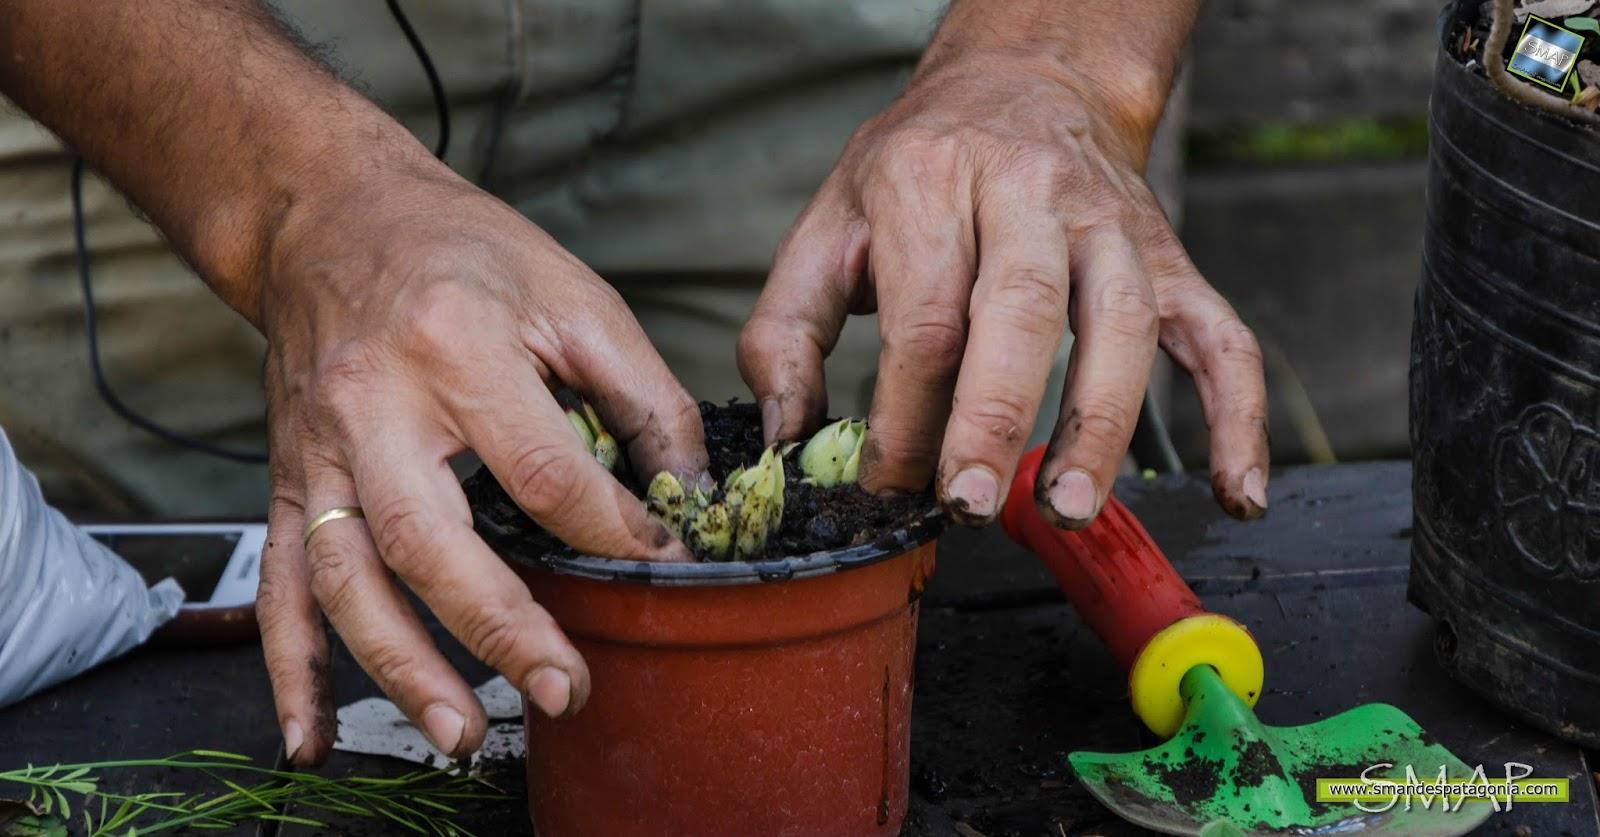 Aljaba reproduccion asexual de las plantas